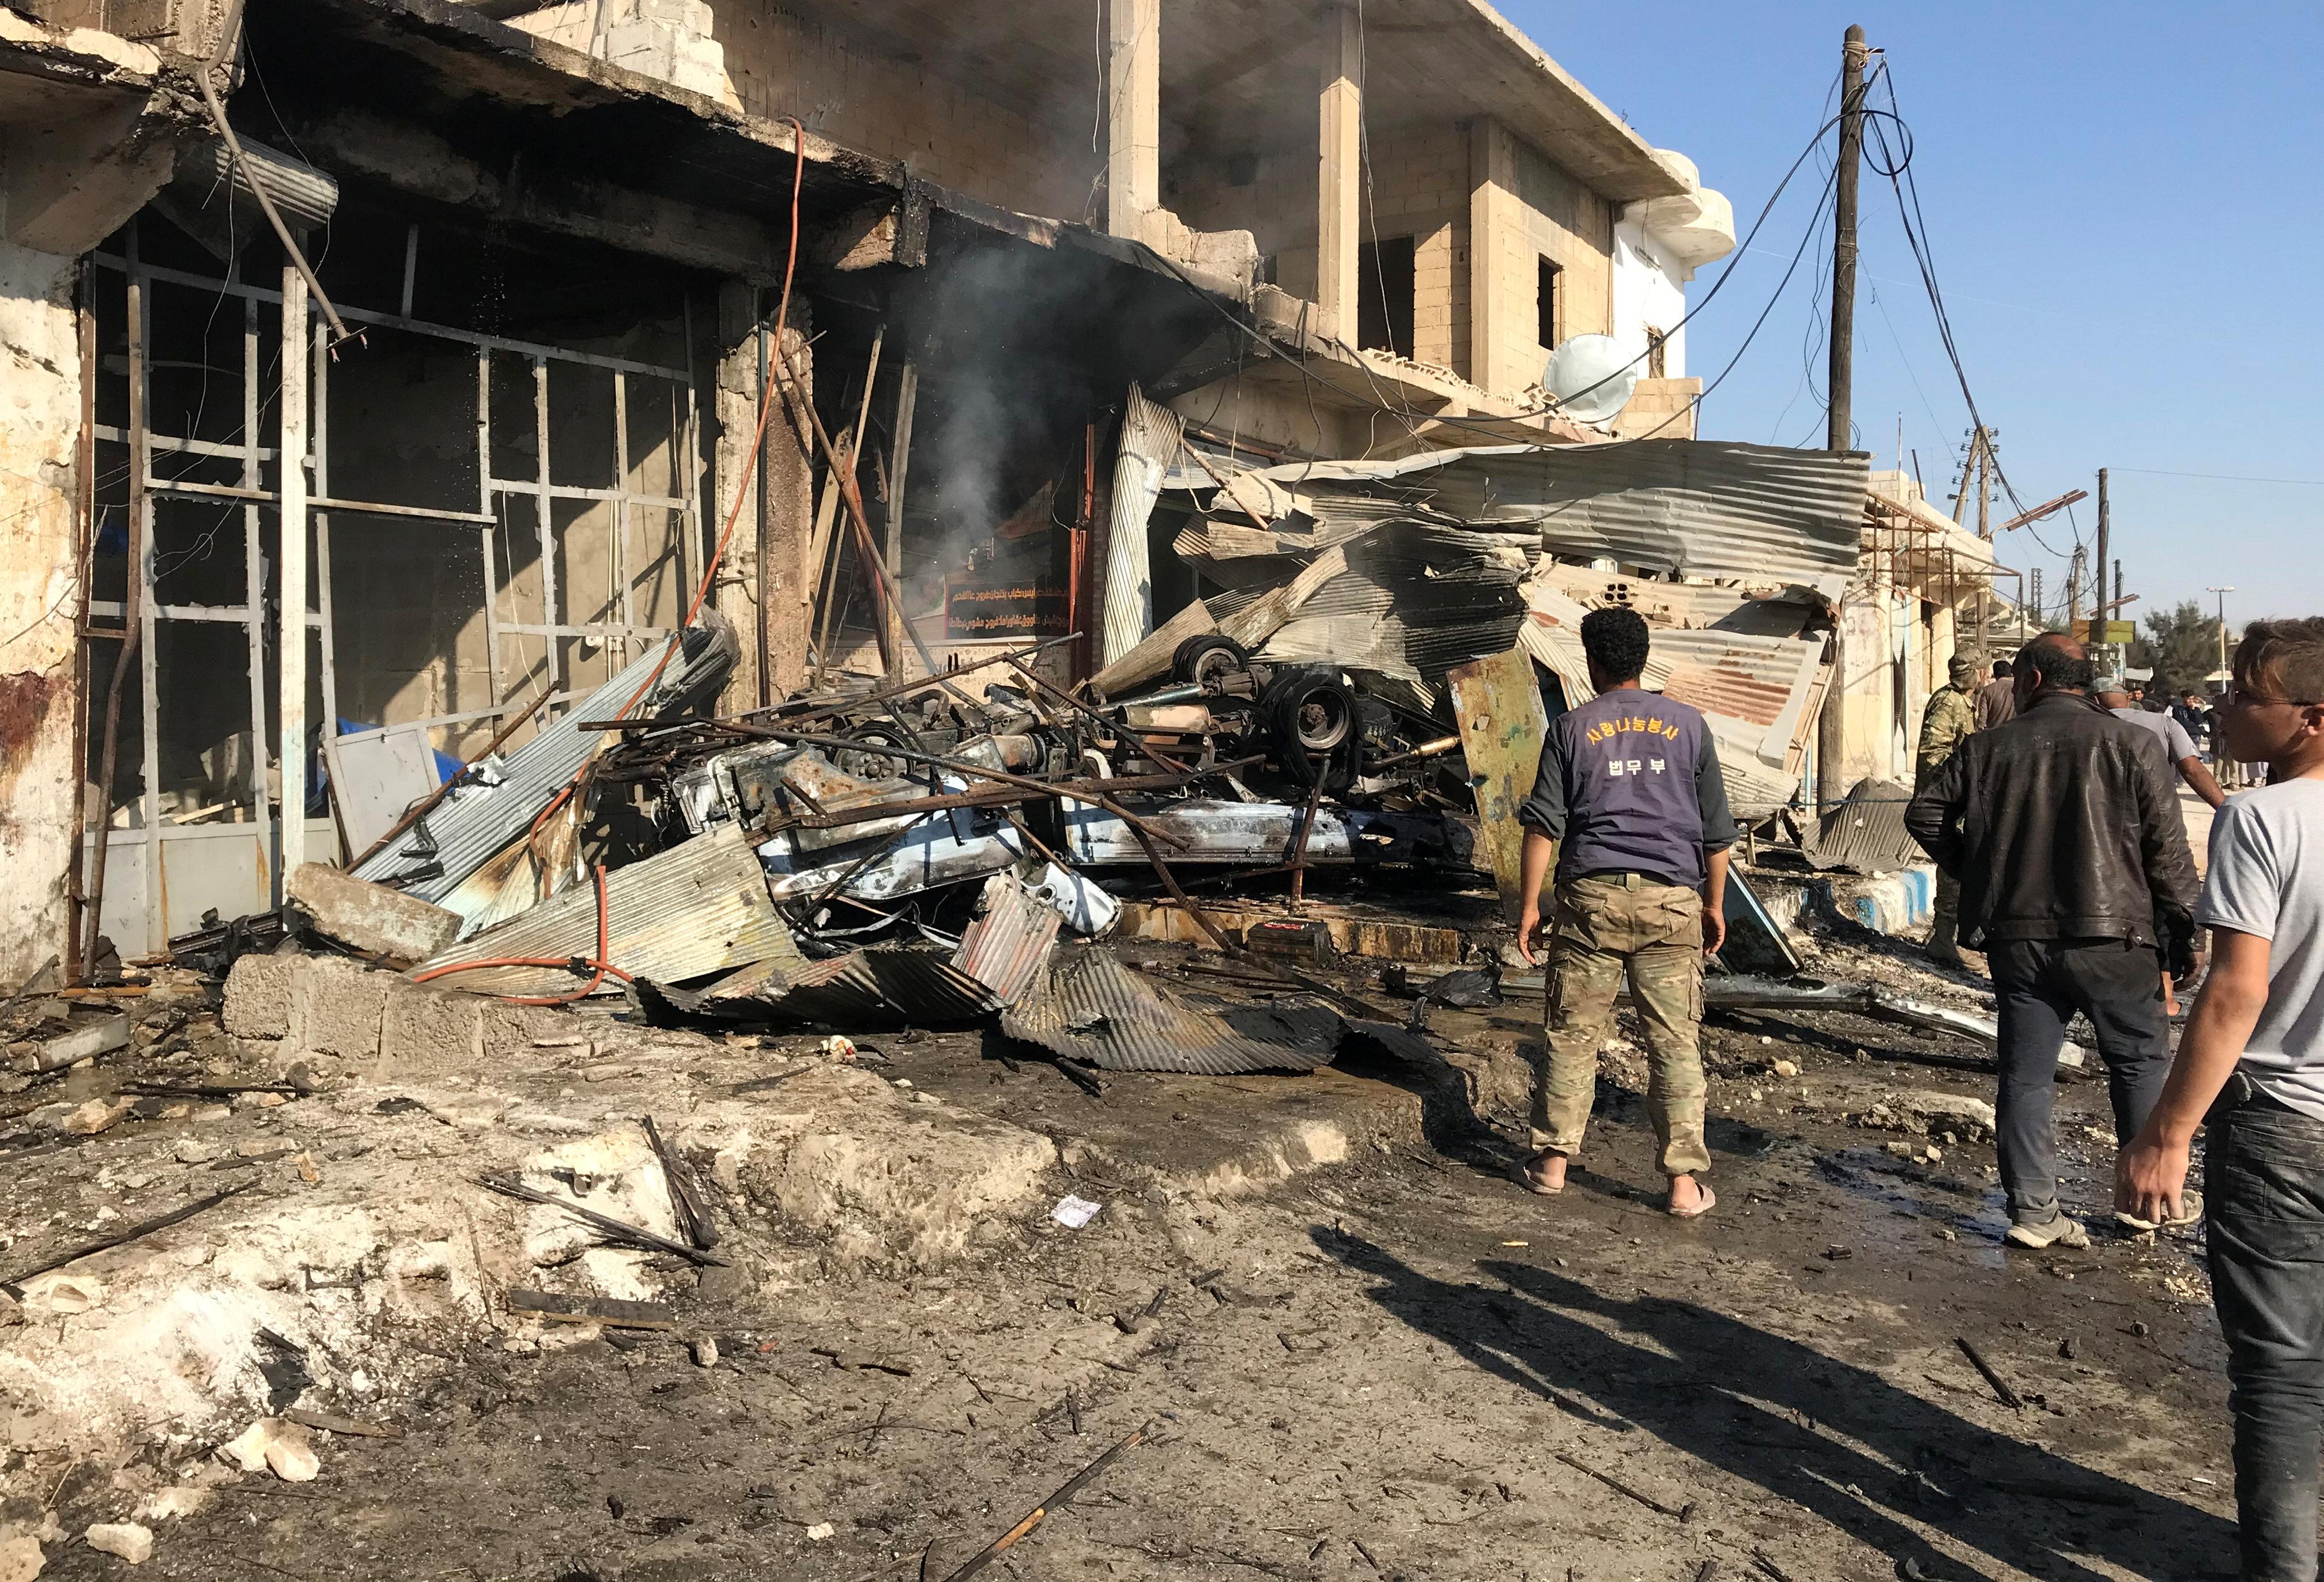 Συρία: Τρεις νεκροί από βομβιστική επίθεση με παγιδευμένο αυτοκίνητο